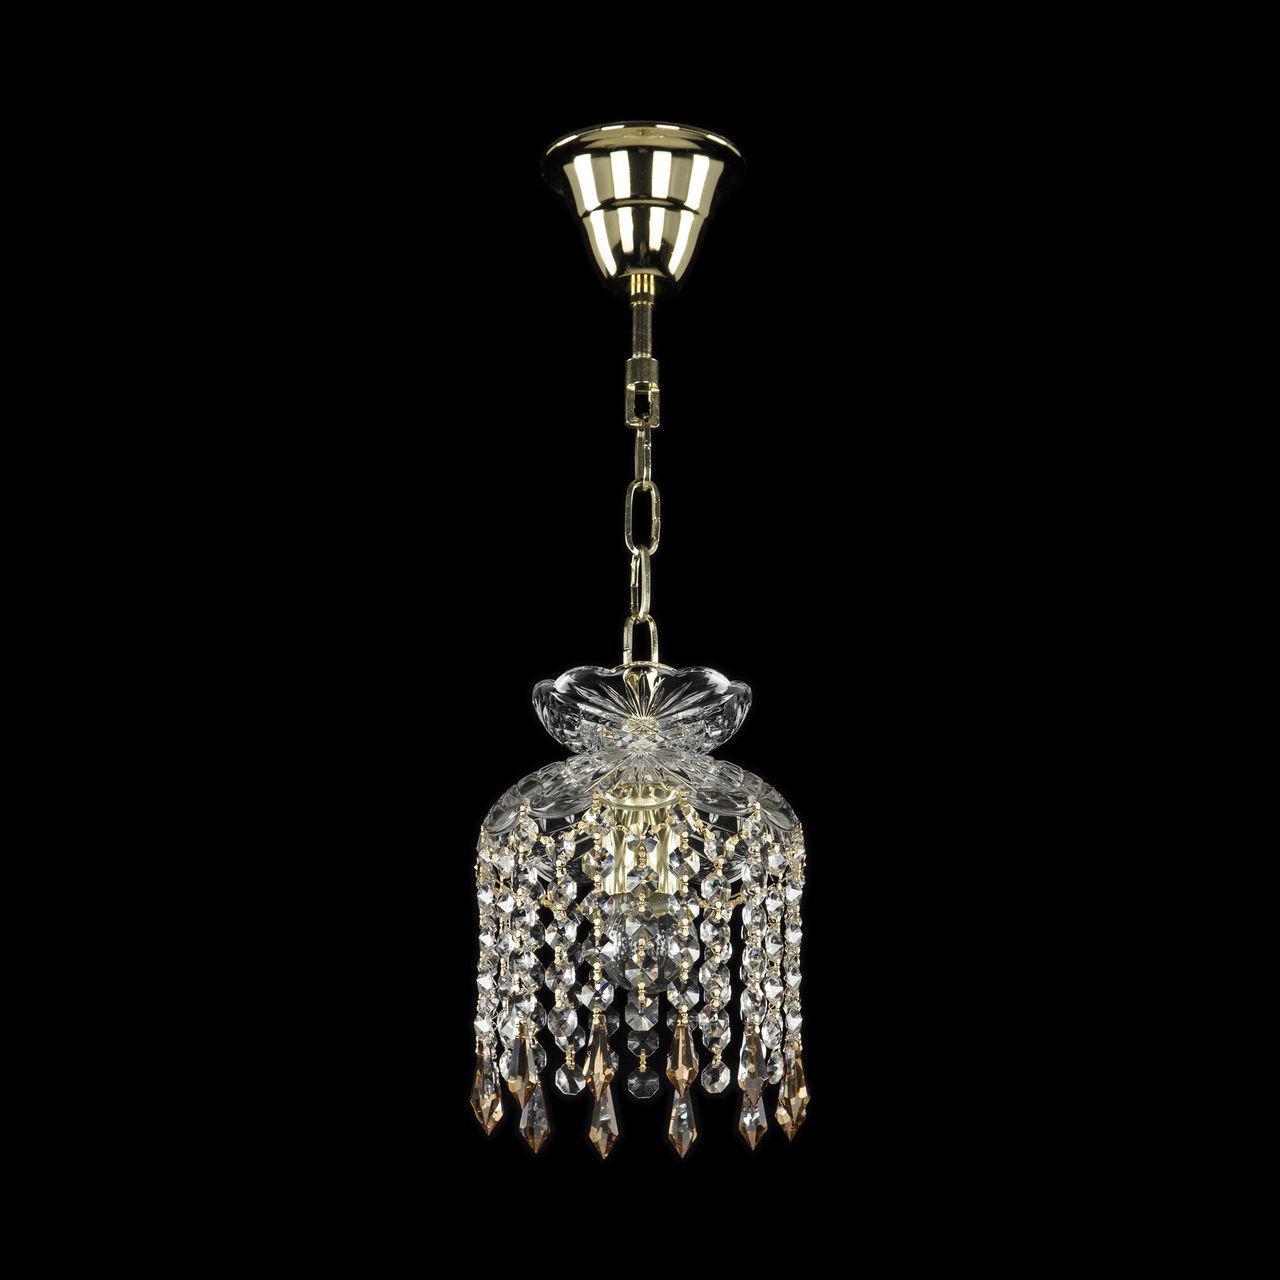 Подвесной светильник Bohemia Ivele 14781/15 G Drops K721